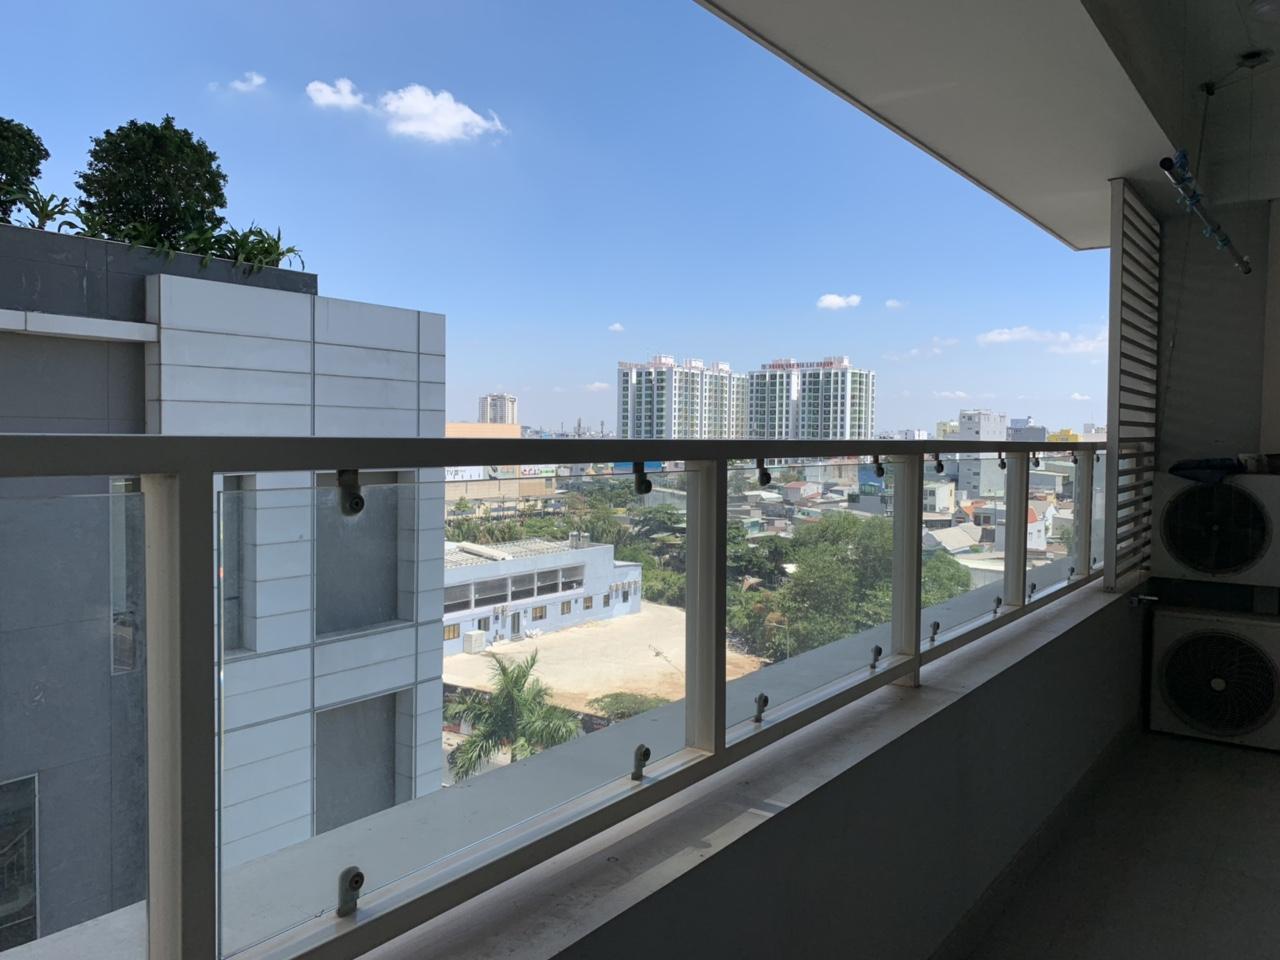 Cần bán căn hộ Sunrise City South, Nguyễn Hữu Thọ, P.Tân Hưng LH:0352161628 (gặp vũ)